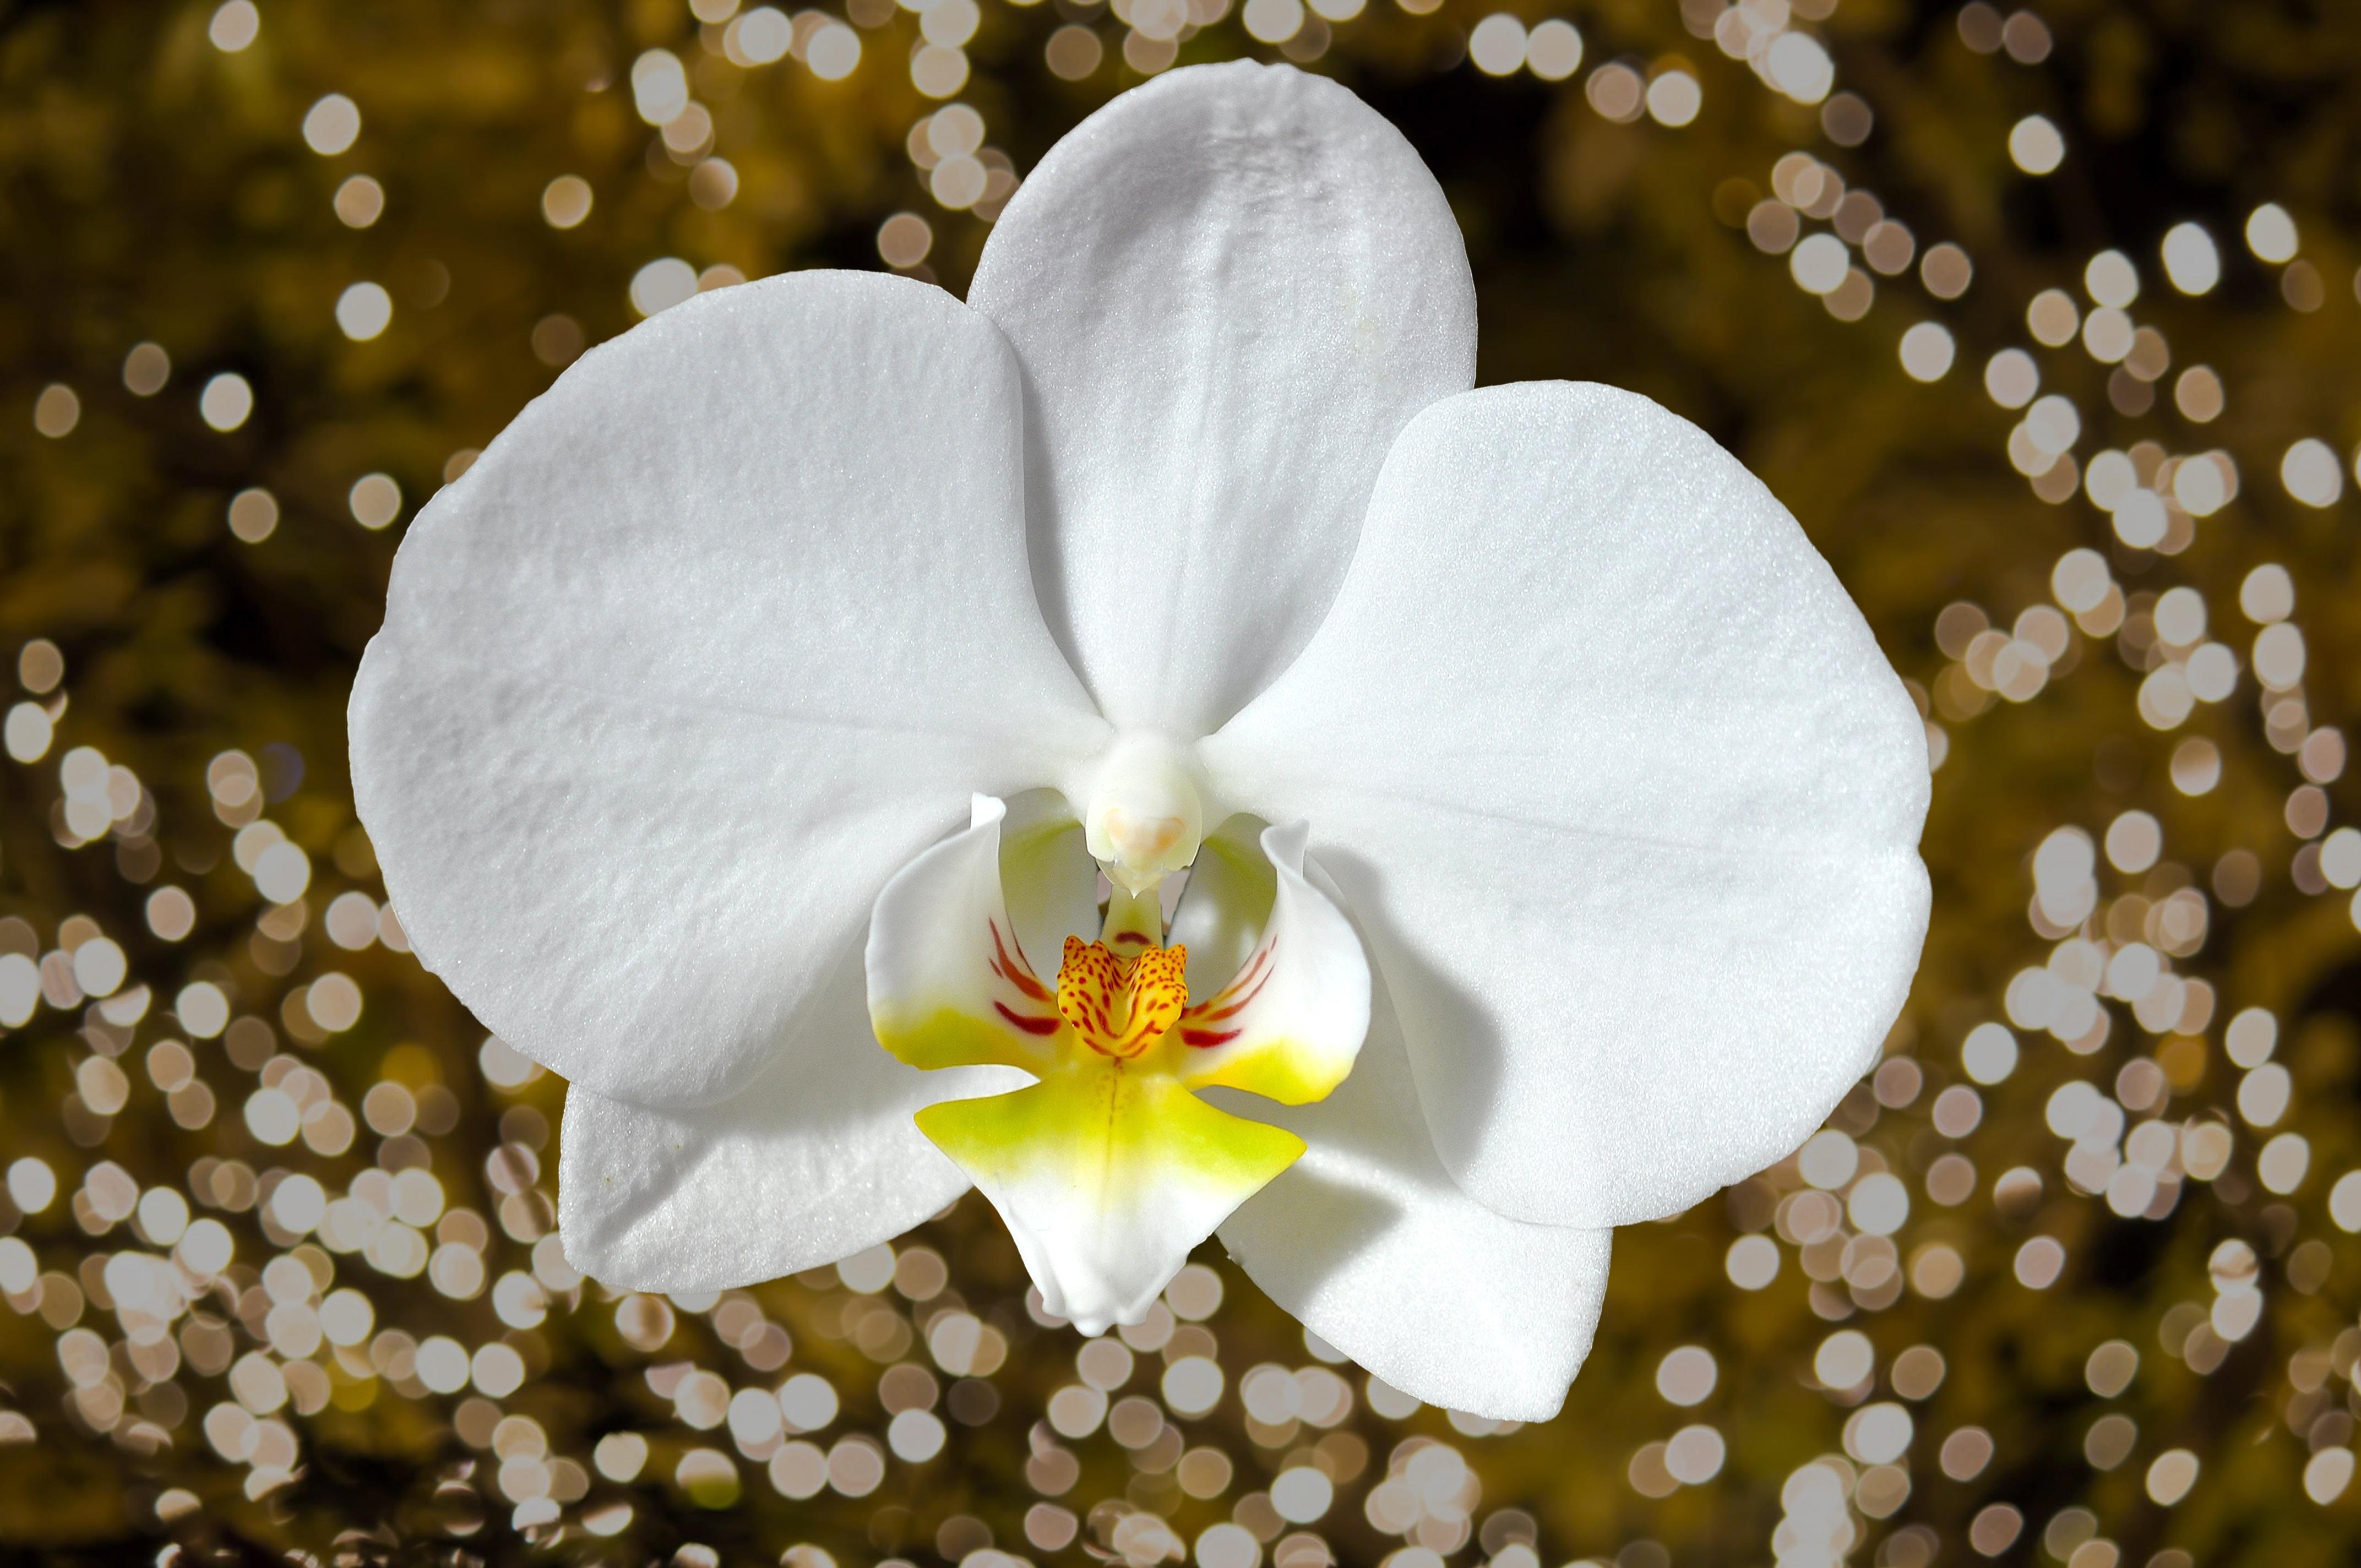 были фото орхидей с хорошим разрешением обычном состоянии она